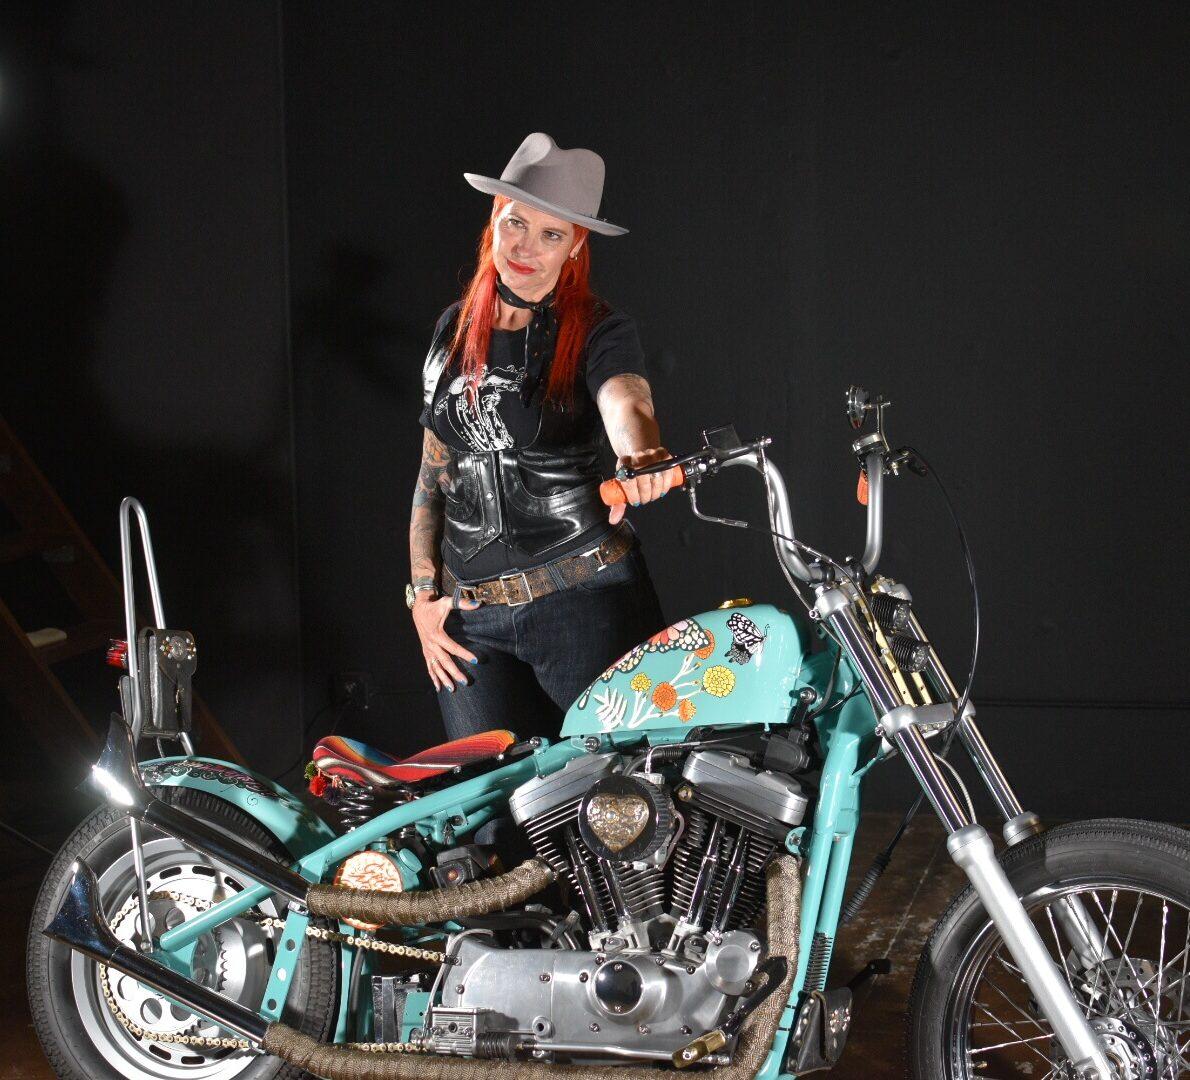 Katie Loftus and Frida bike